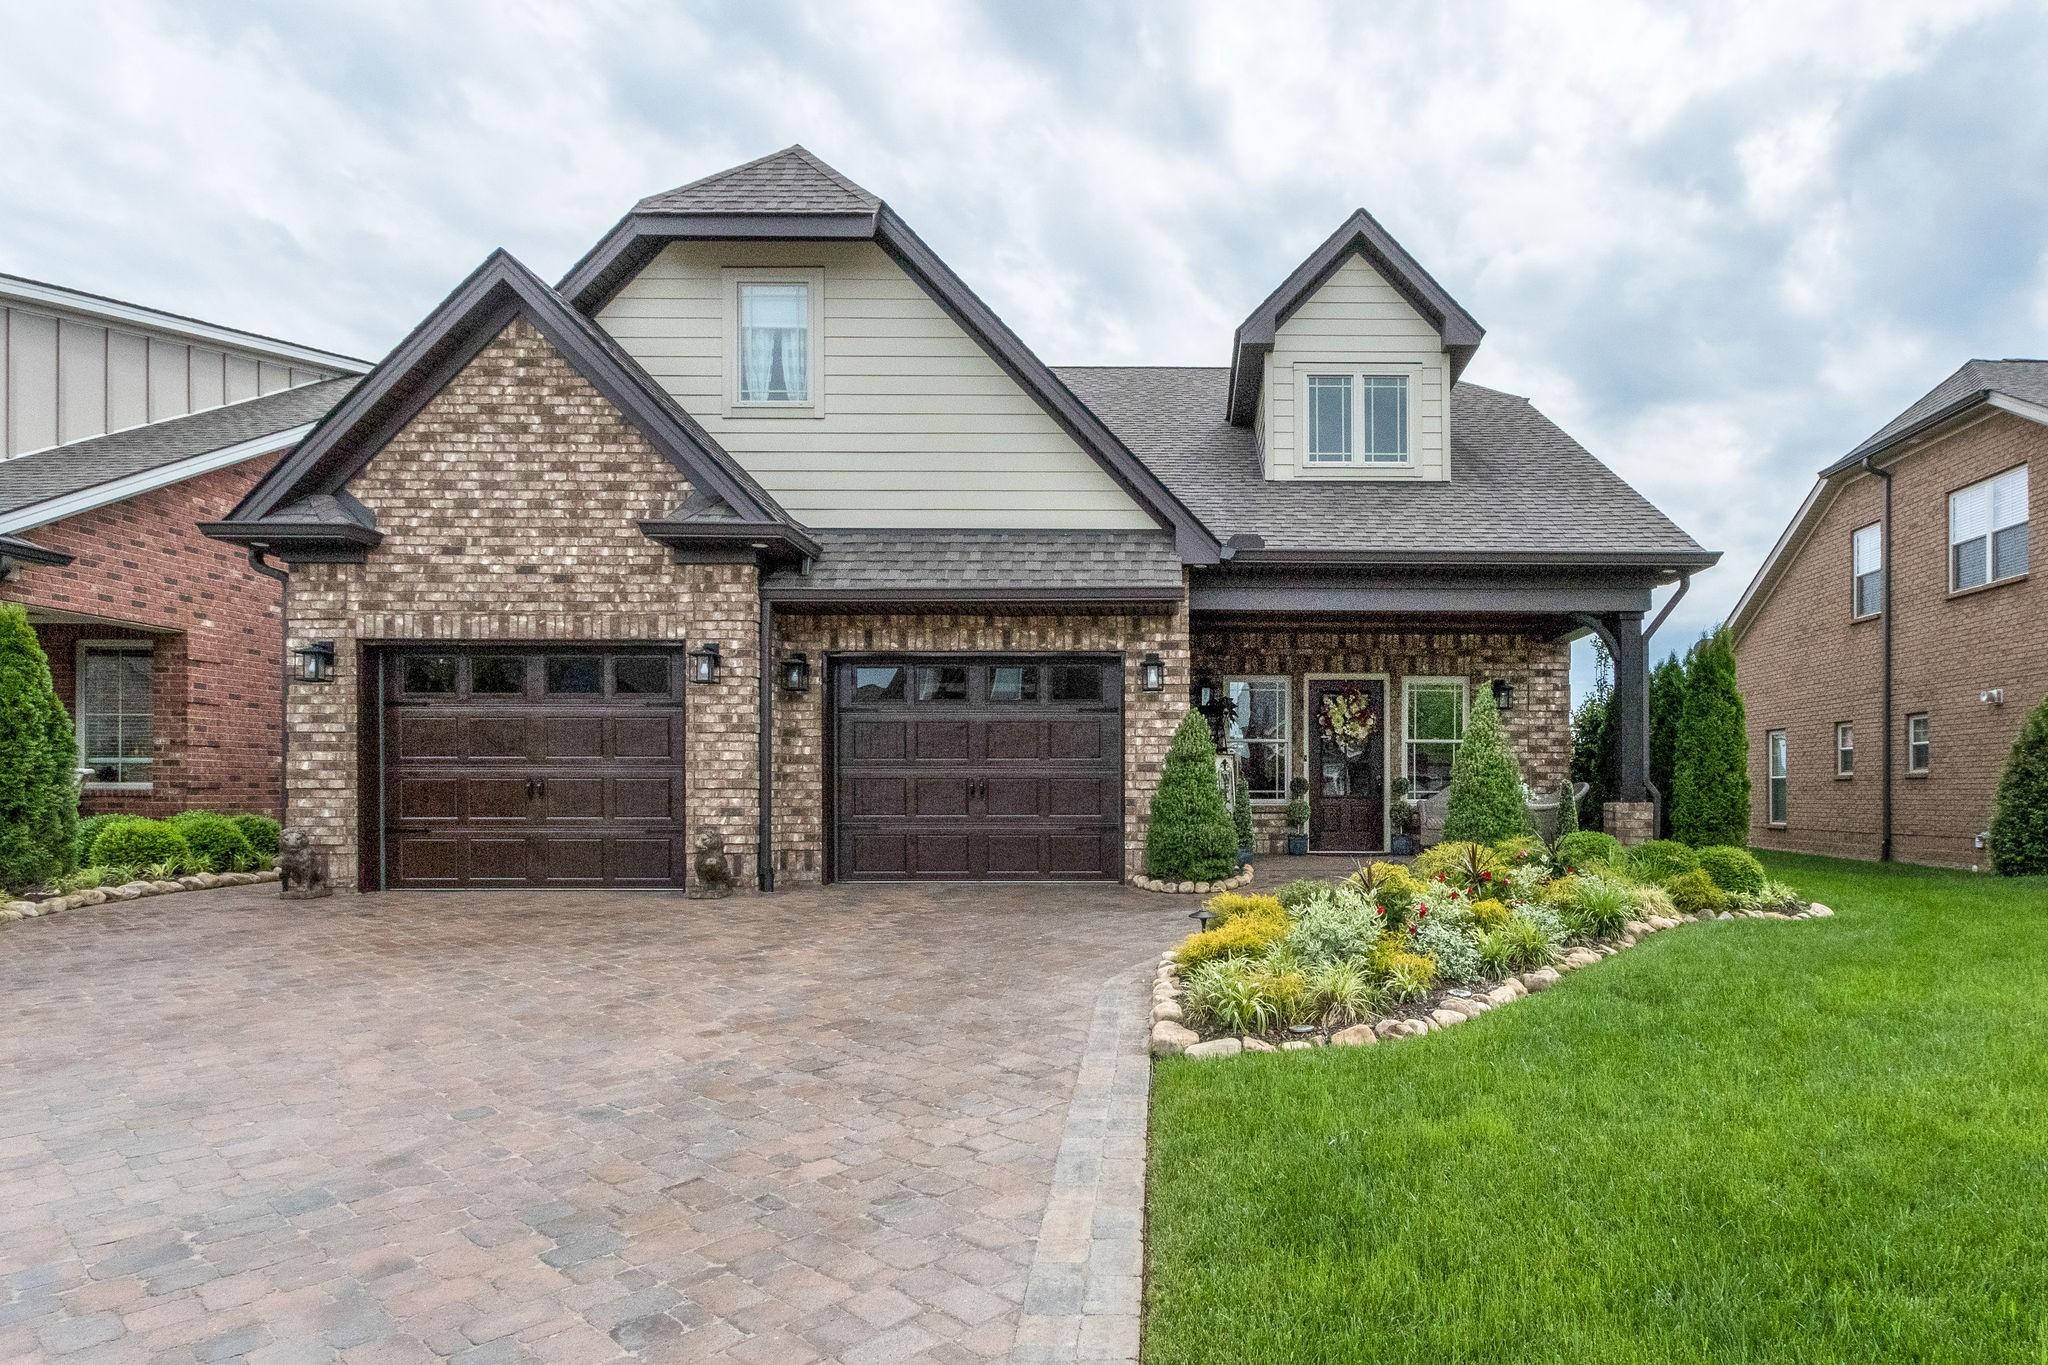 4325 Seascape Ln, Murfreesboro, TN 37128 - Murfreesboro, TN real estate listing